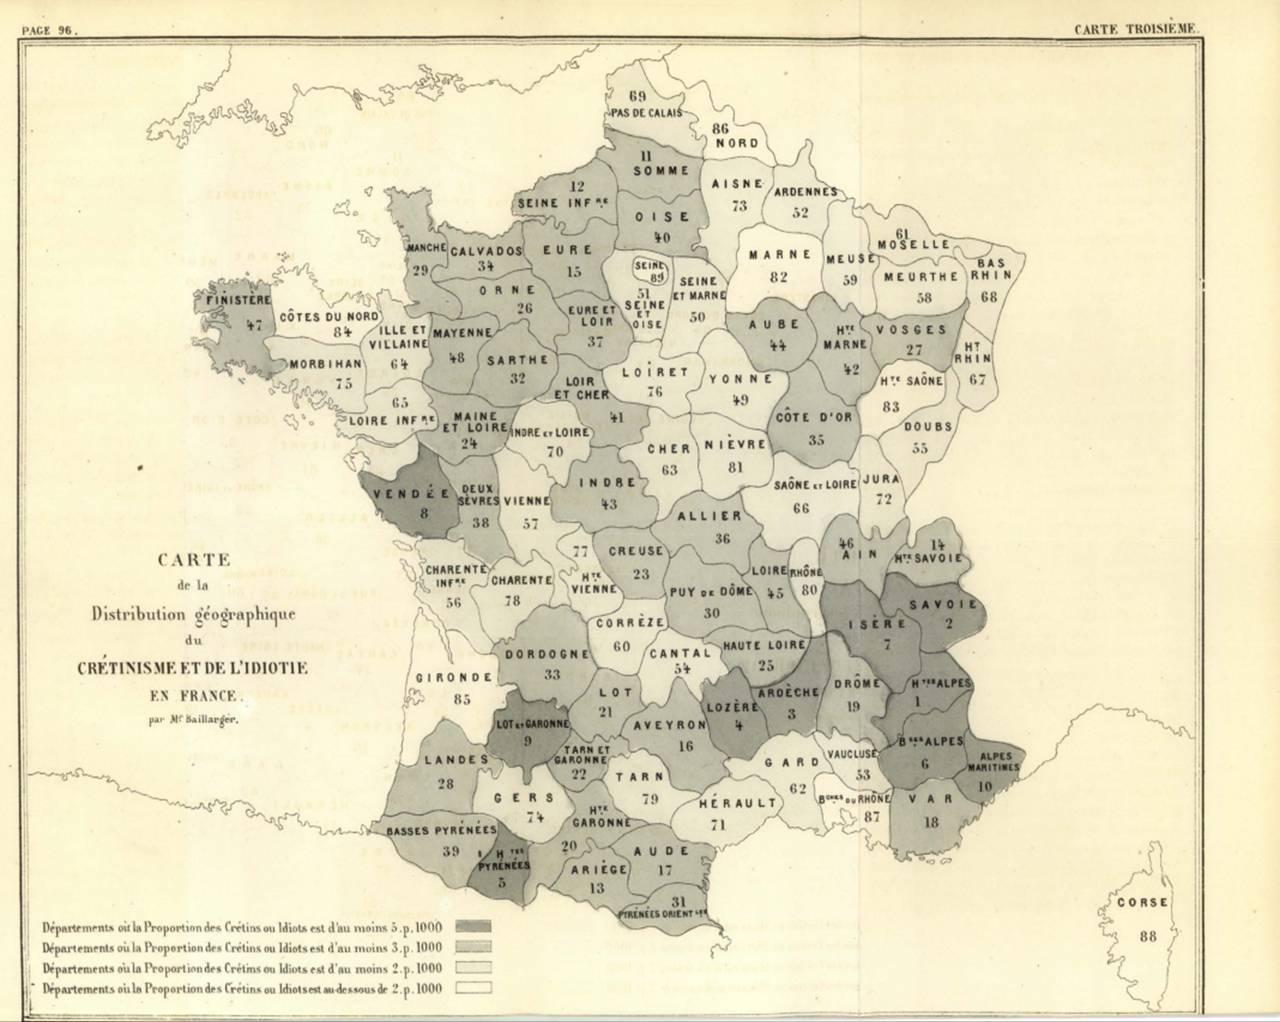 Carte de la distribution géographique du crétinisme et de l'idiotie en France (rapport  du Dr J. Baillarger, p. 96, 1873)